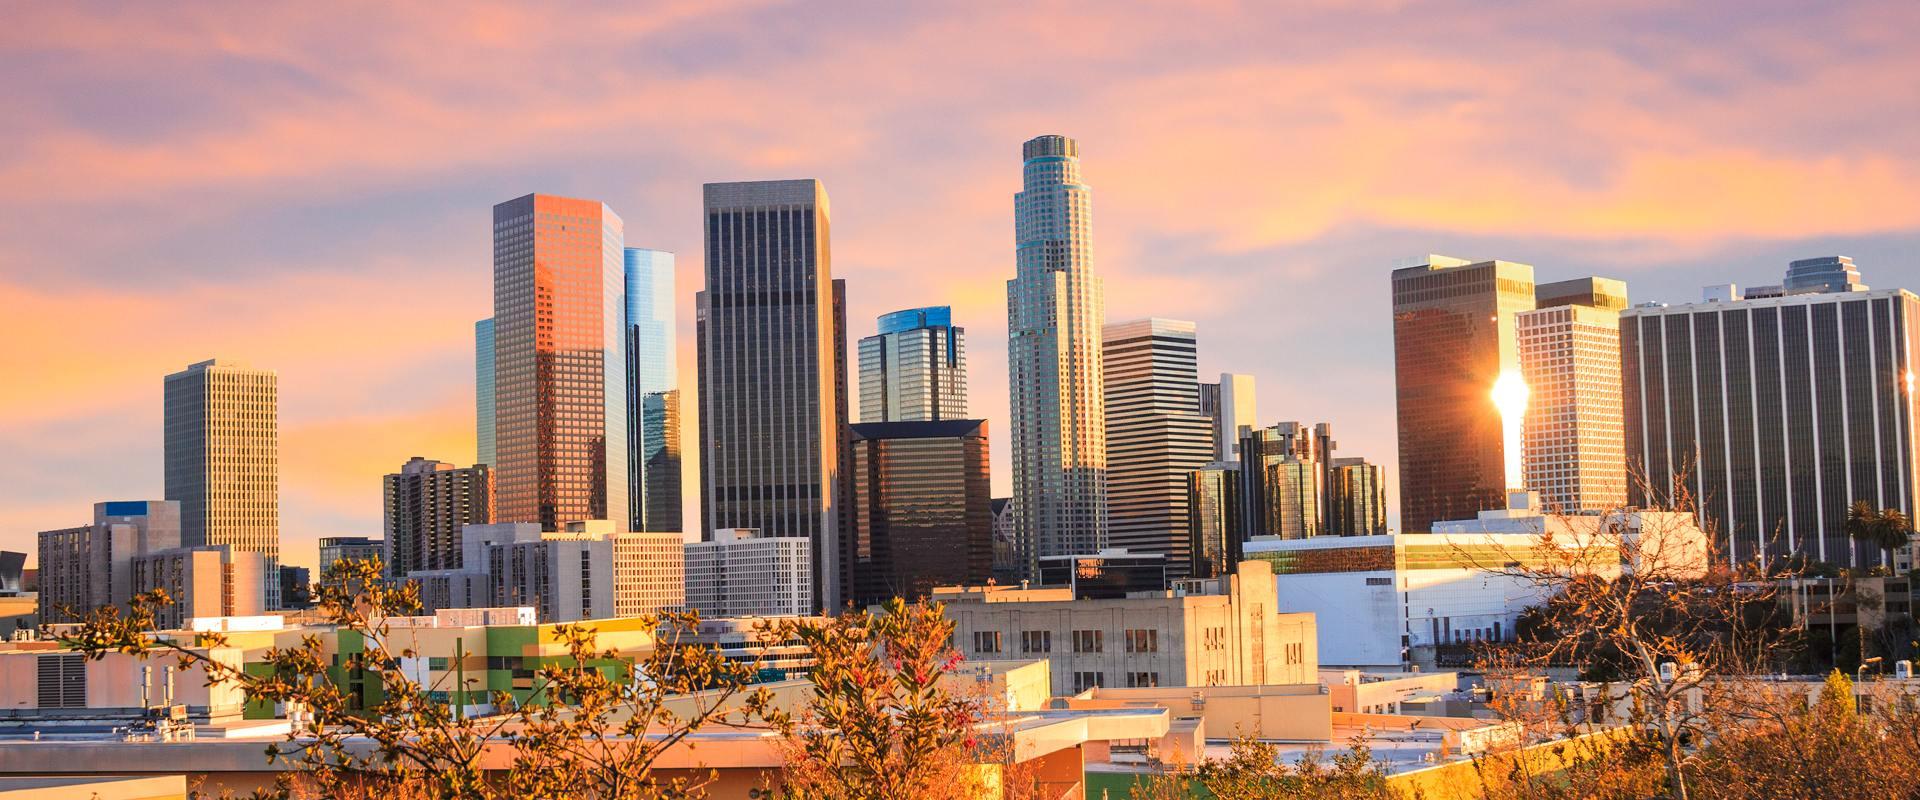 mrakodrapy v Los Angeles